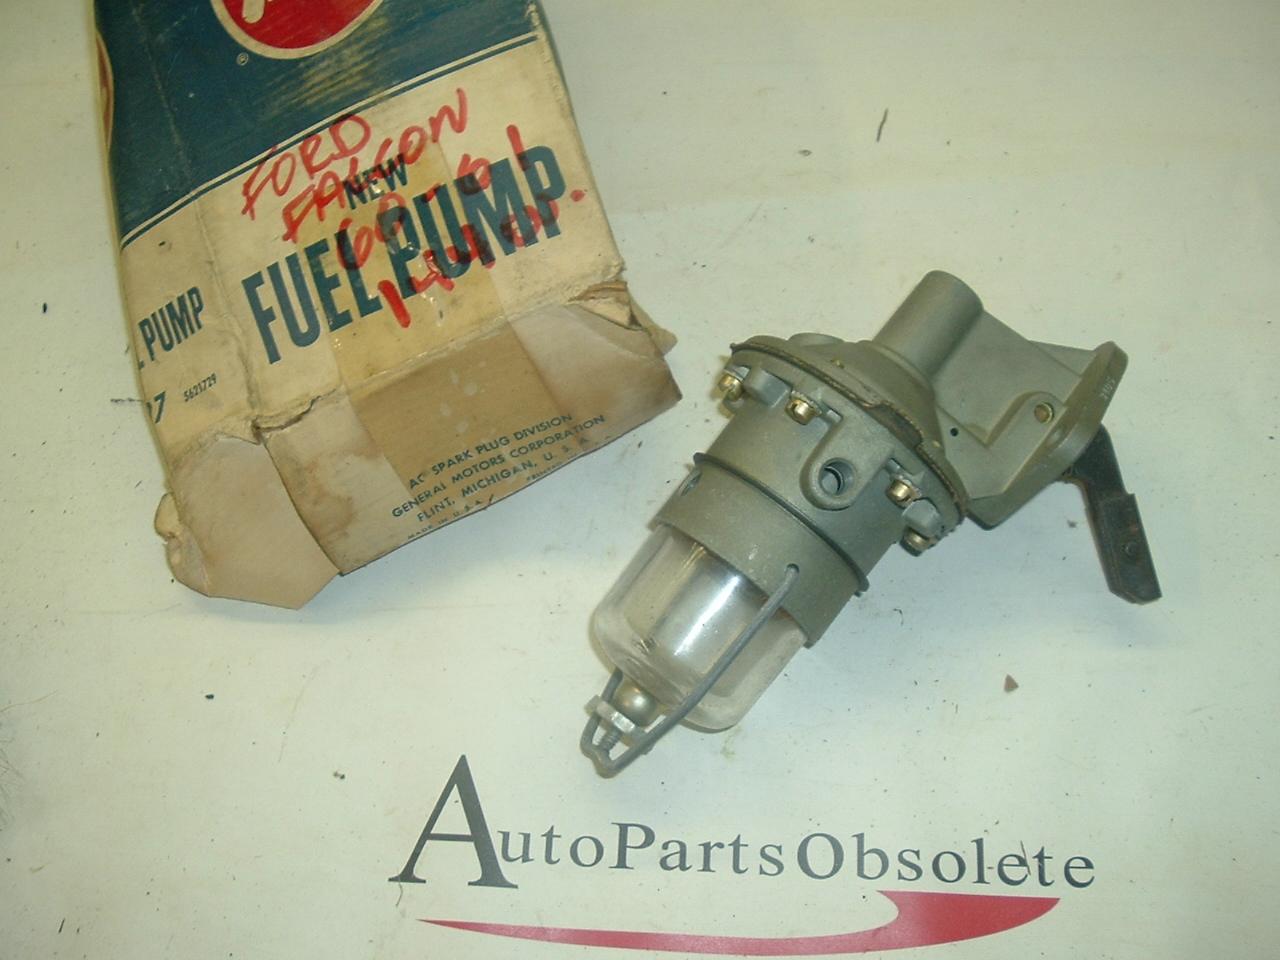 1960 1961 Falcon & Comet fuel pump nos ac 4897 (a 4897ac)